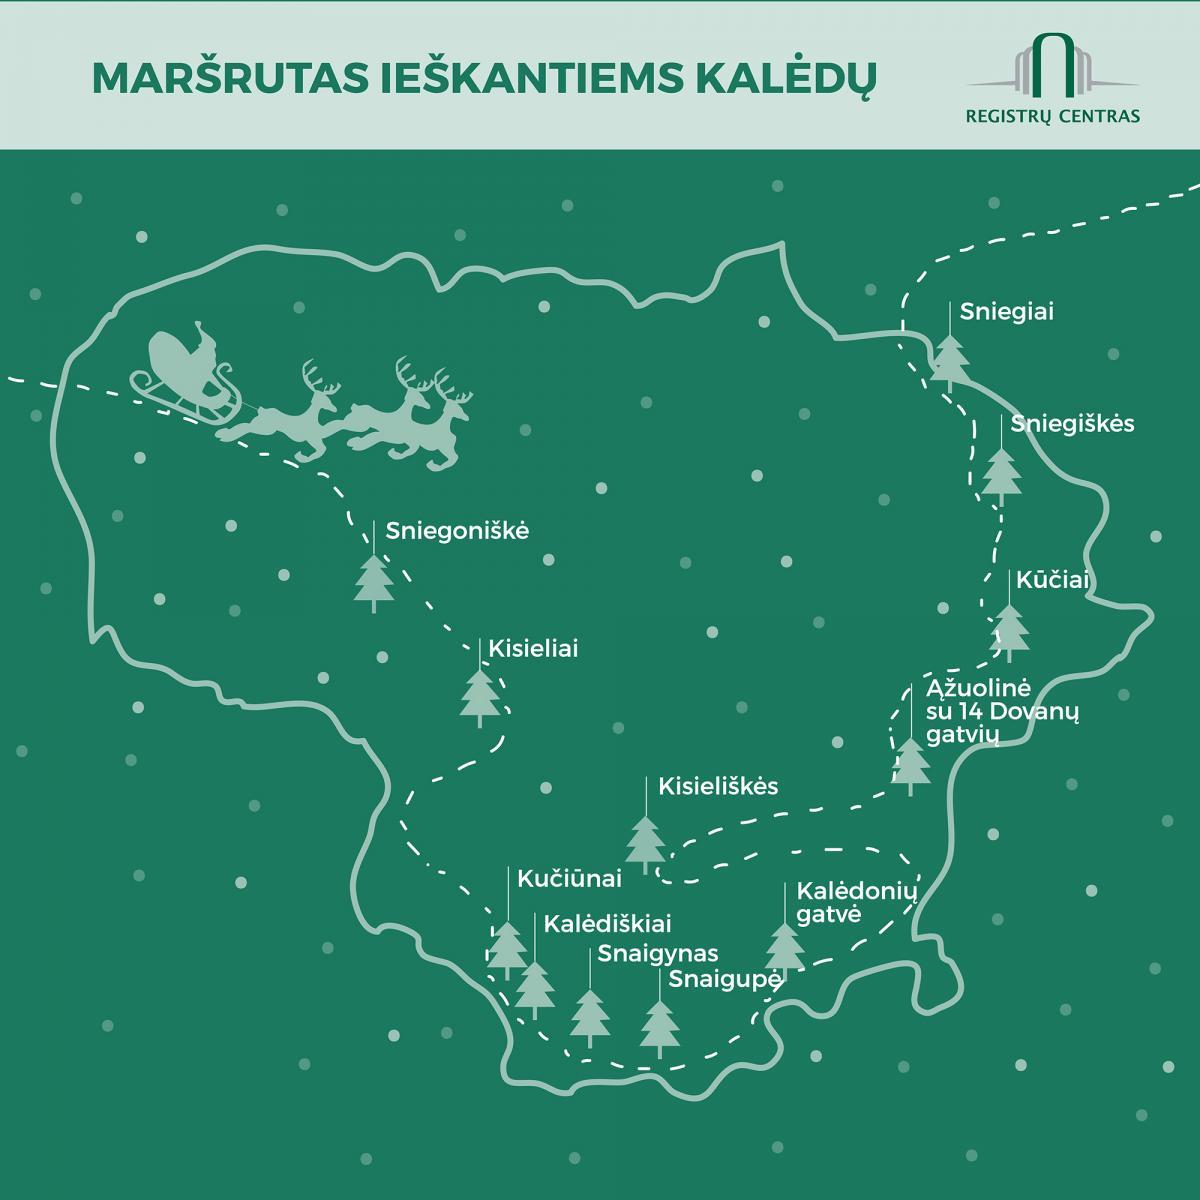 Kalėdinis kelionės maršrutas: dovanų į Ąžuolinę, sniego link Veisiejų | registrucentras.lt nuotr.